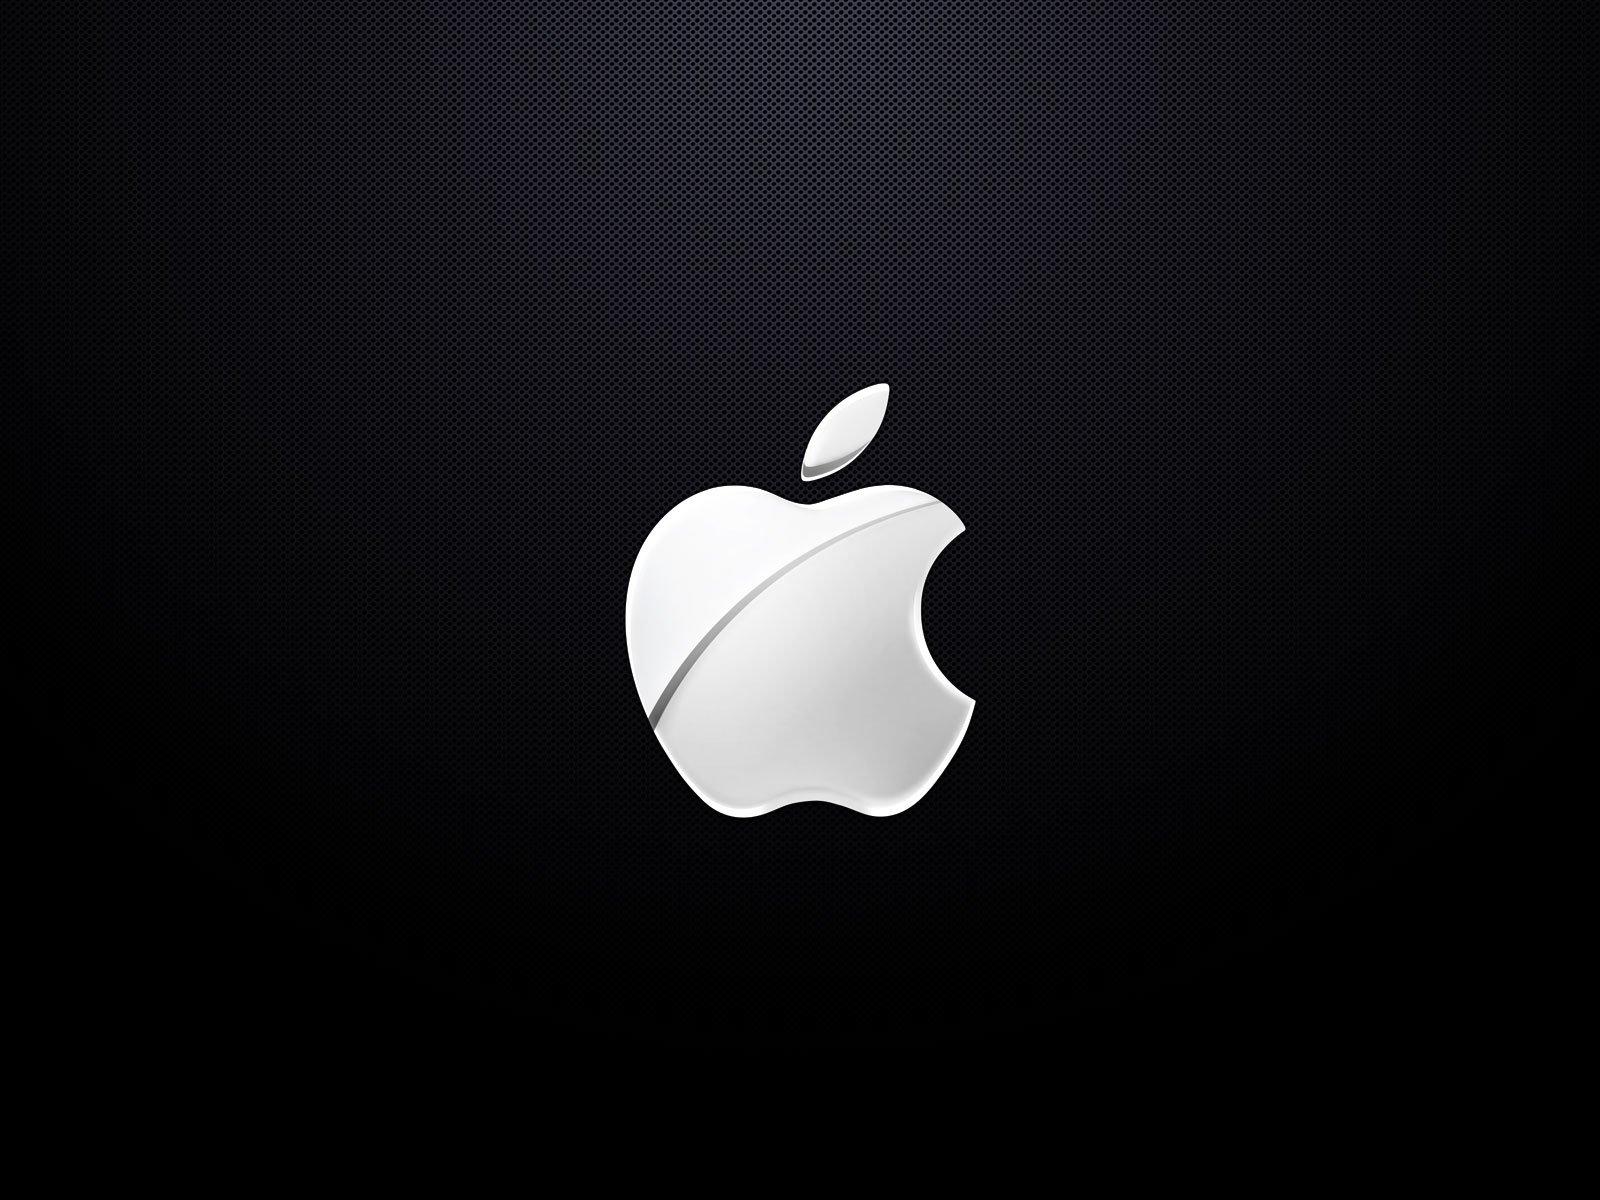 Смартфон iPhone 8 получит технологию распознавания лица пользователя